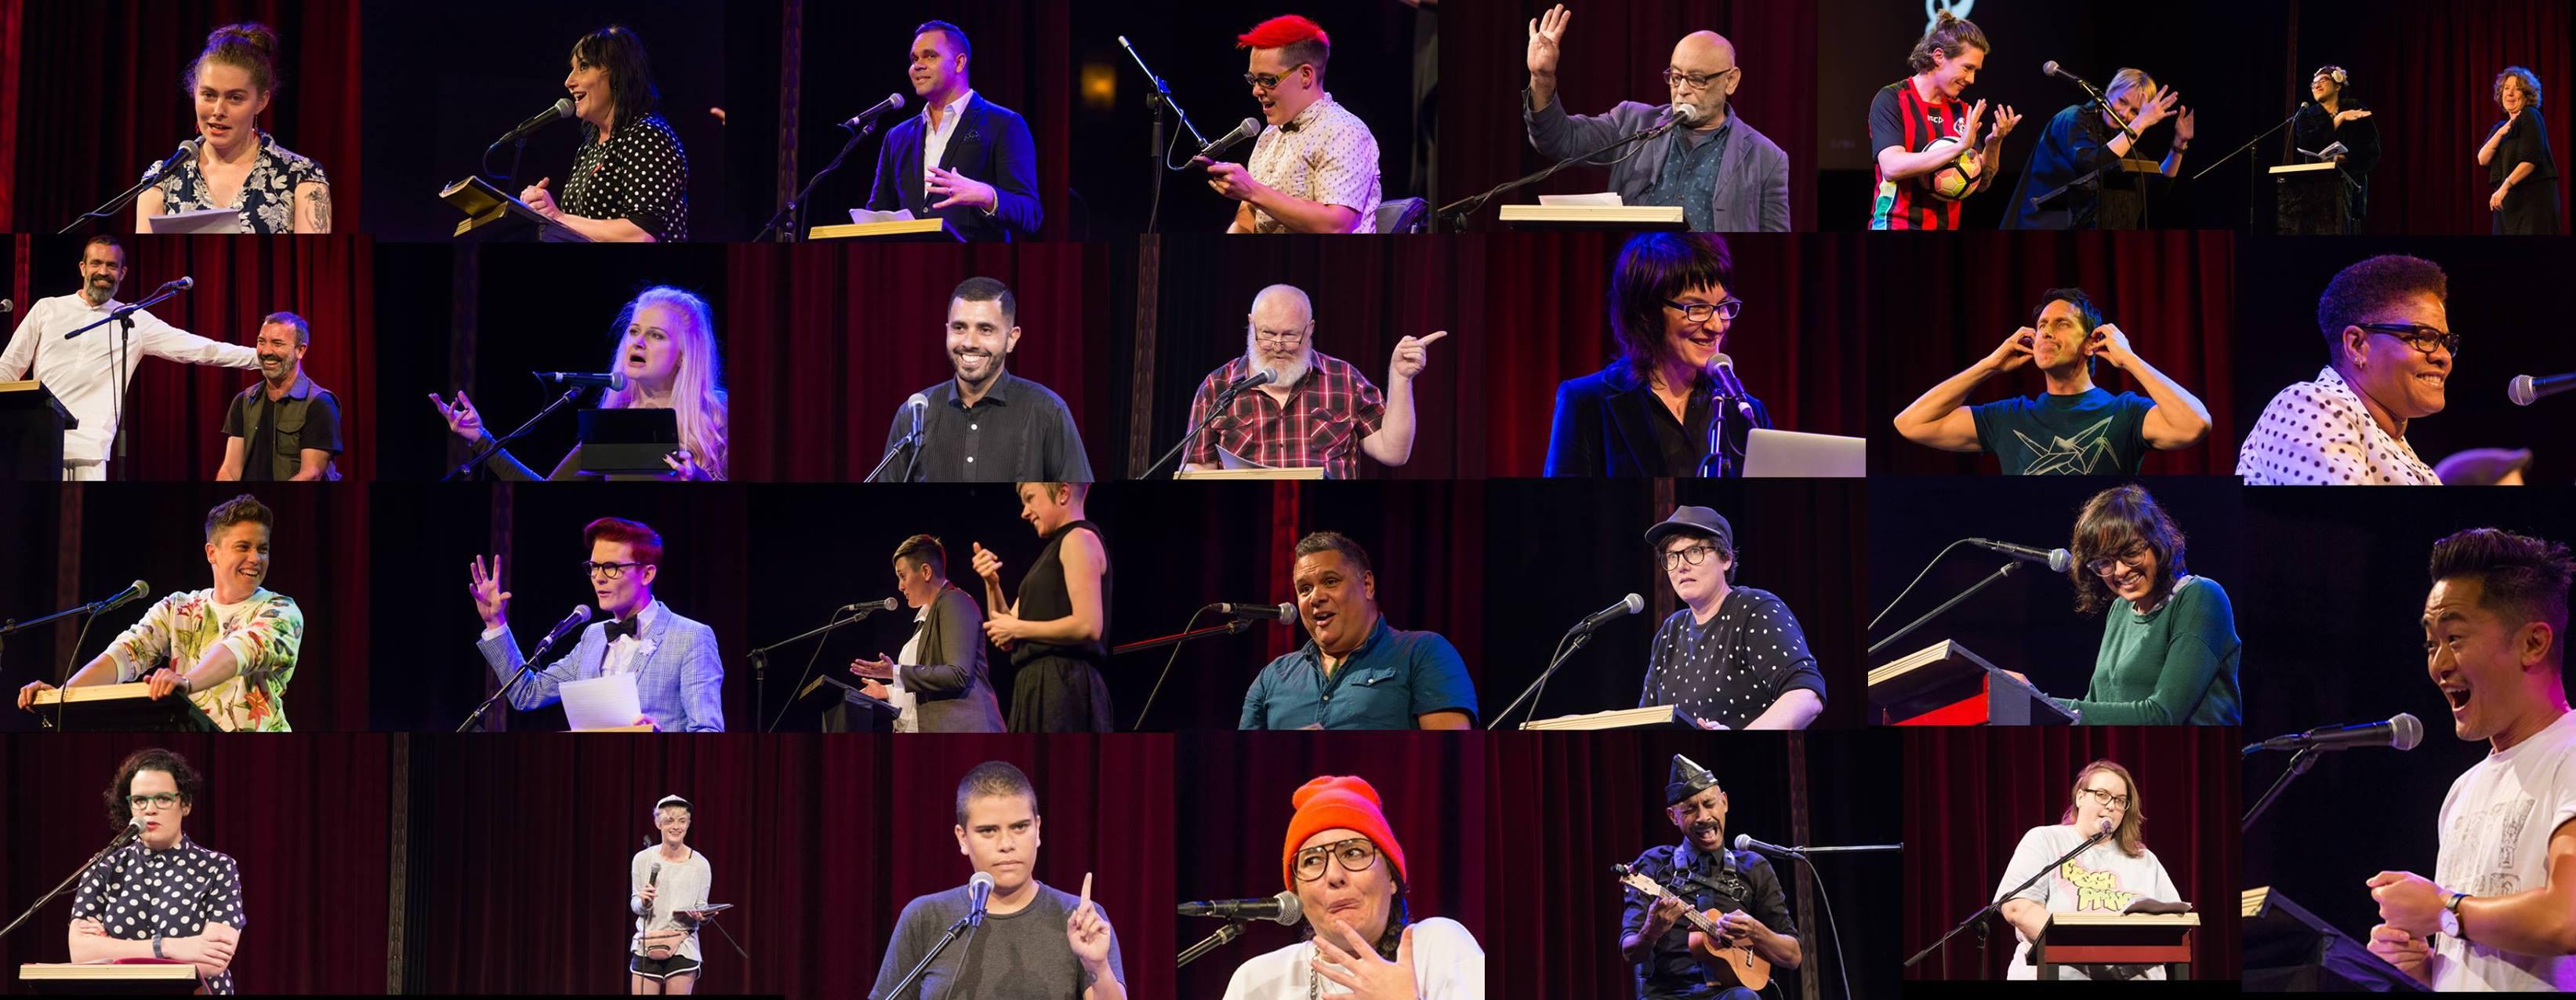 Brisbane Comedy Festival - Queerstories [Brisbane]